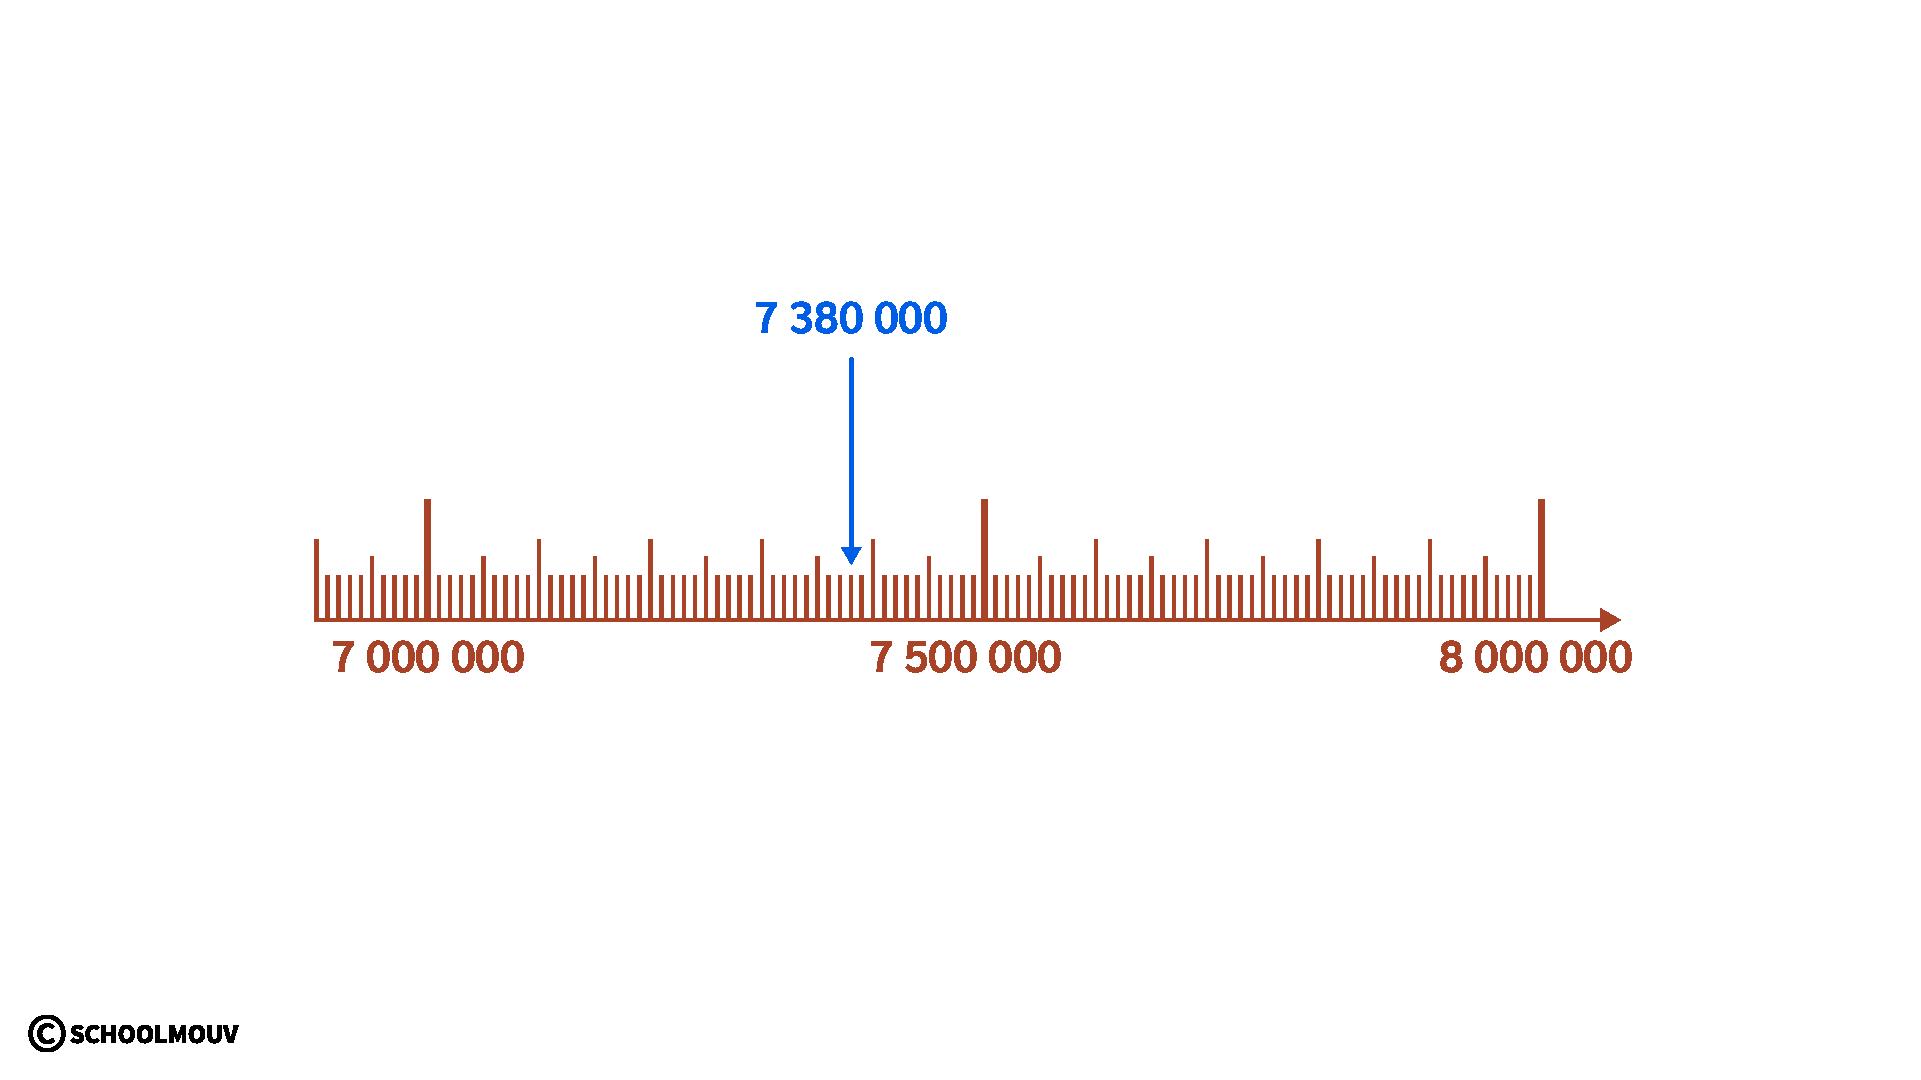 primaire mathématiques cm2 comparer ranger encadrer placer les grands nombres entiers